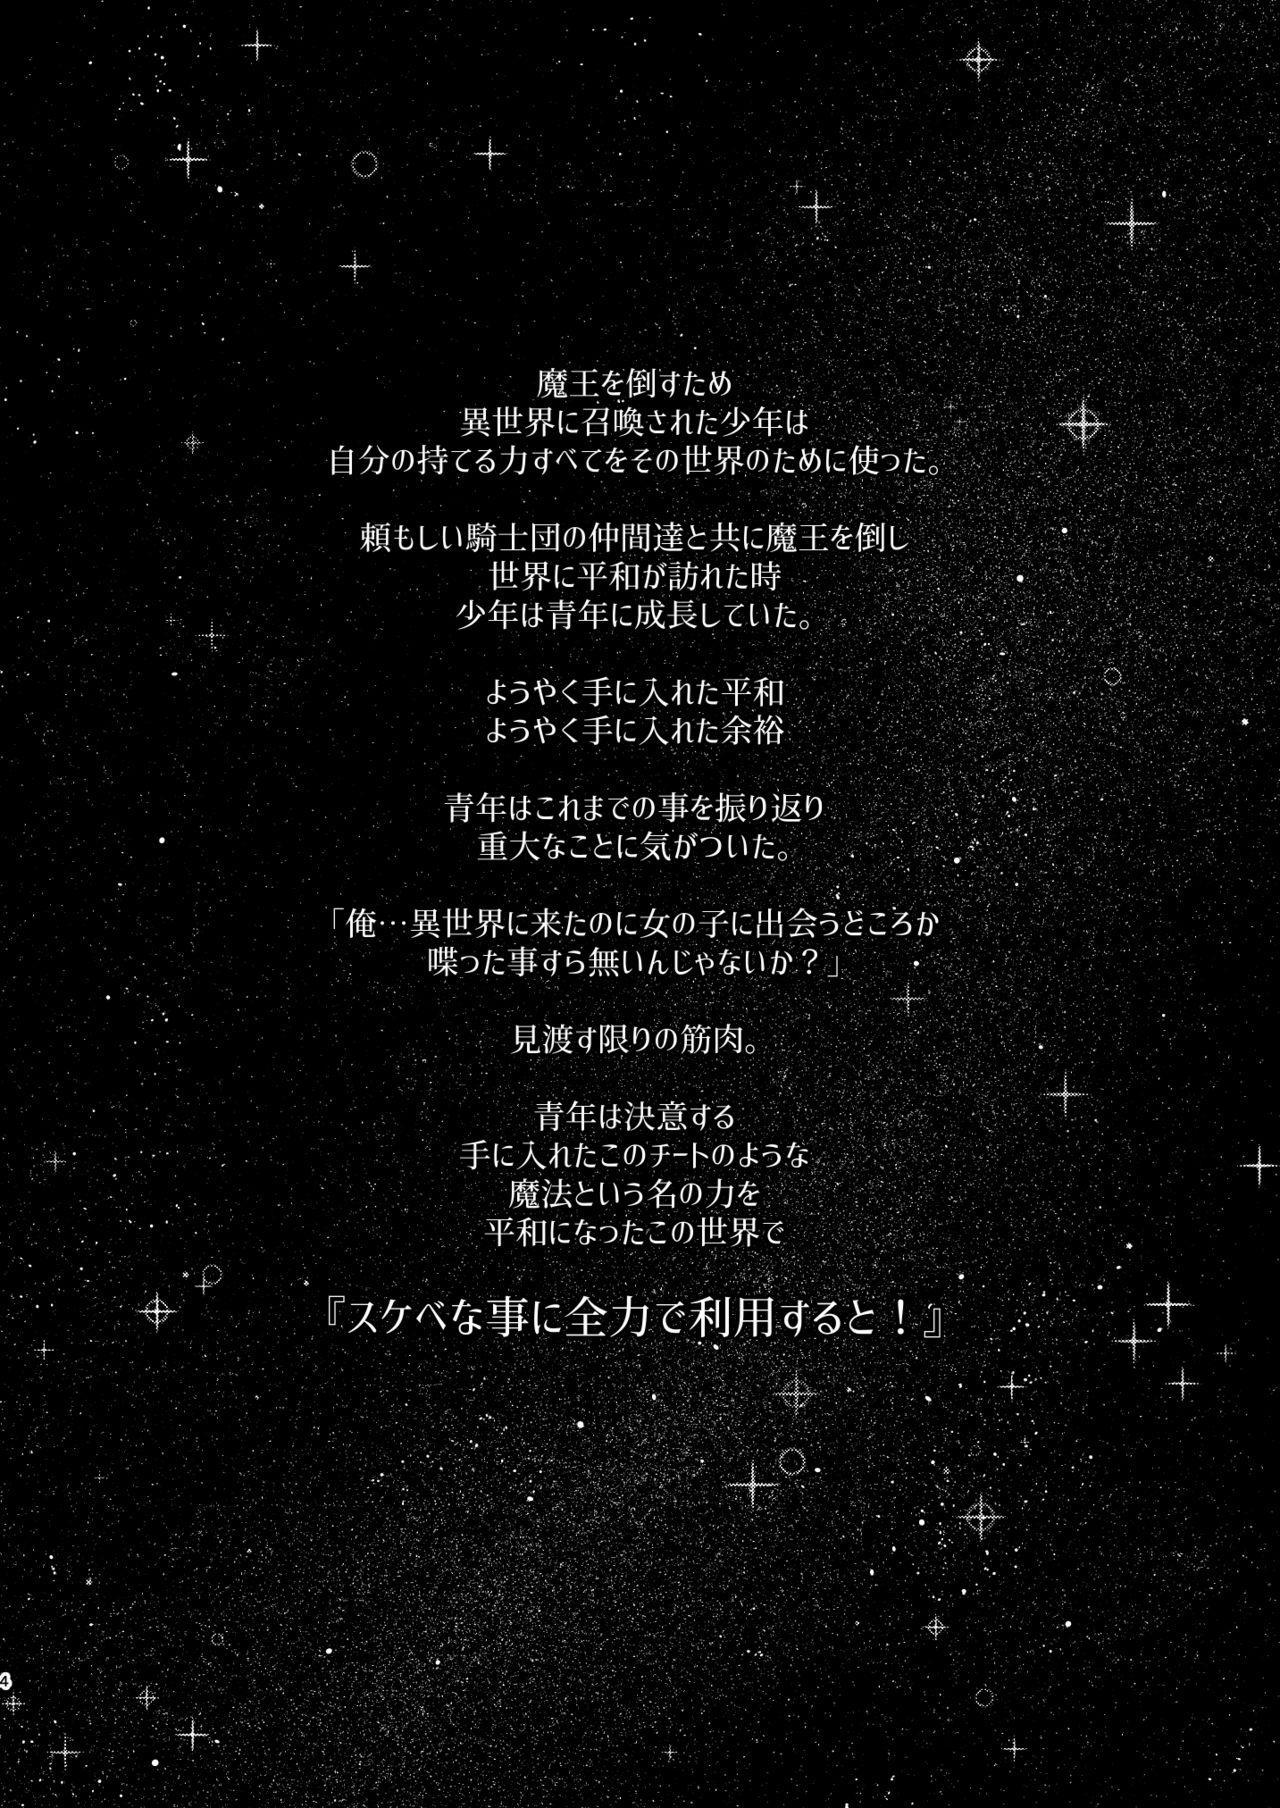 Isekai Kita no de Mahou o Sukebe na Koto ni Riyou Shiyou to Omou II 2